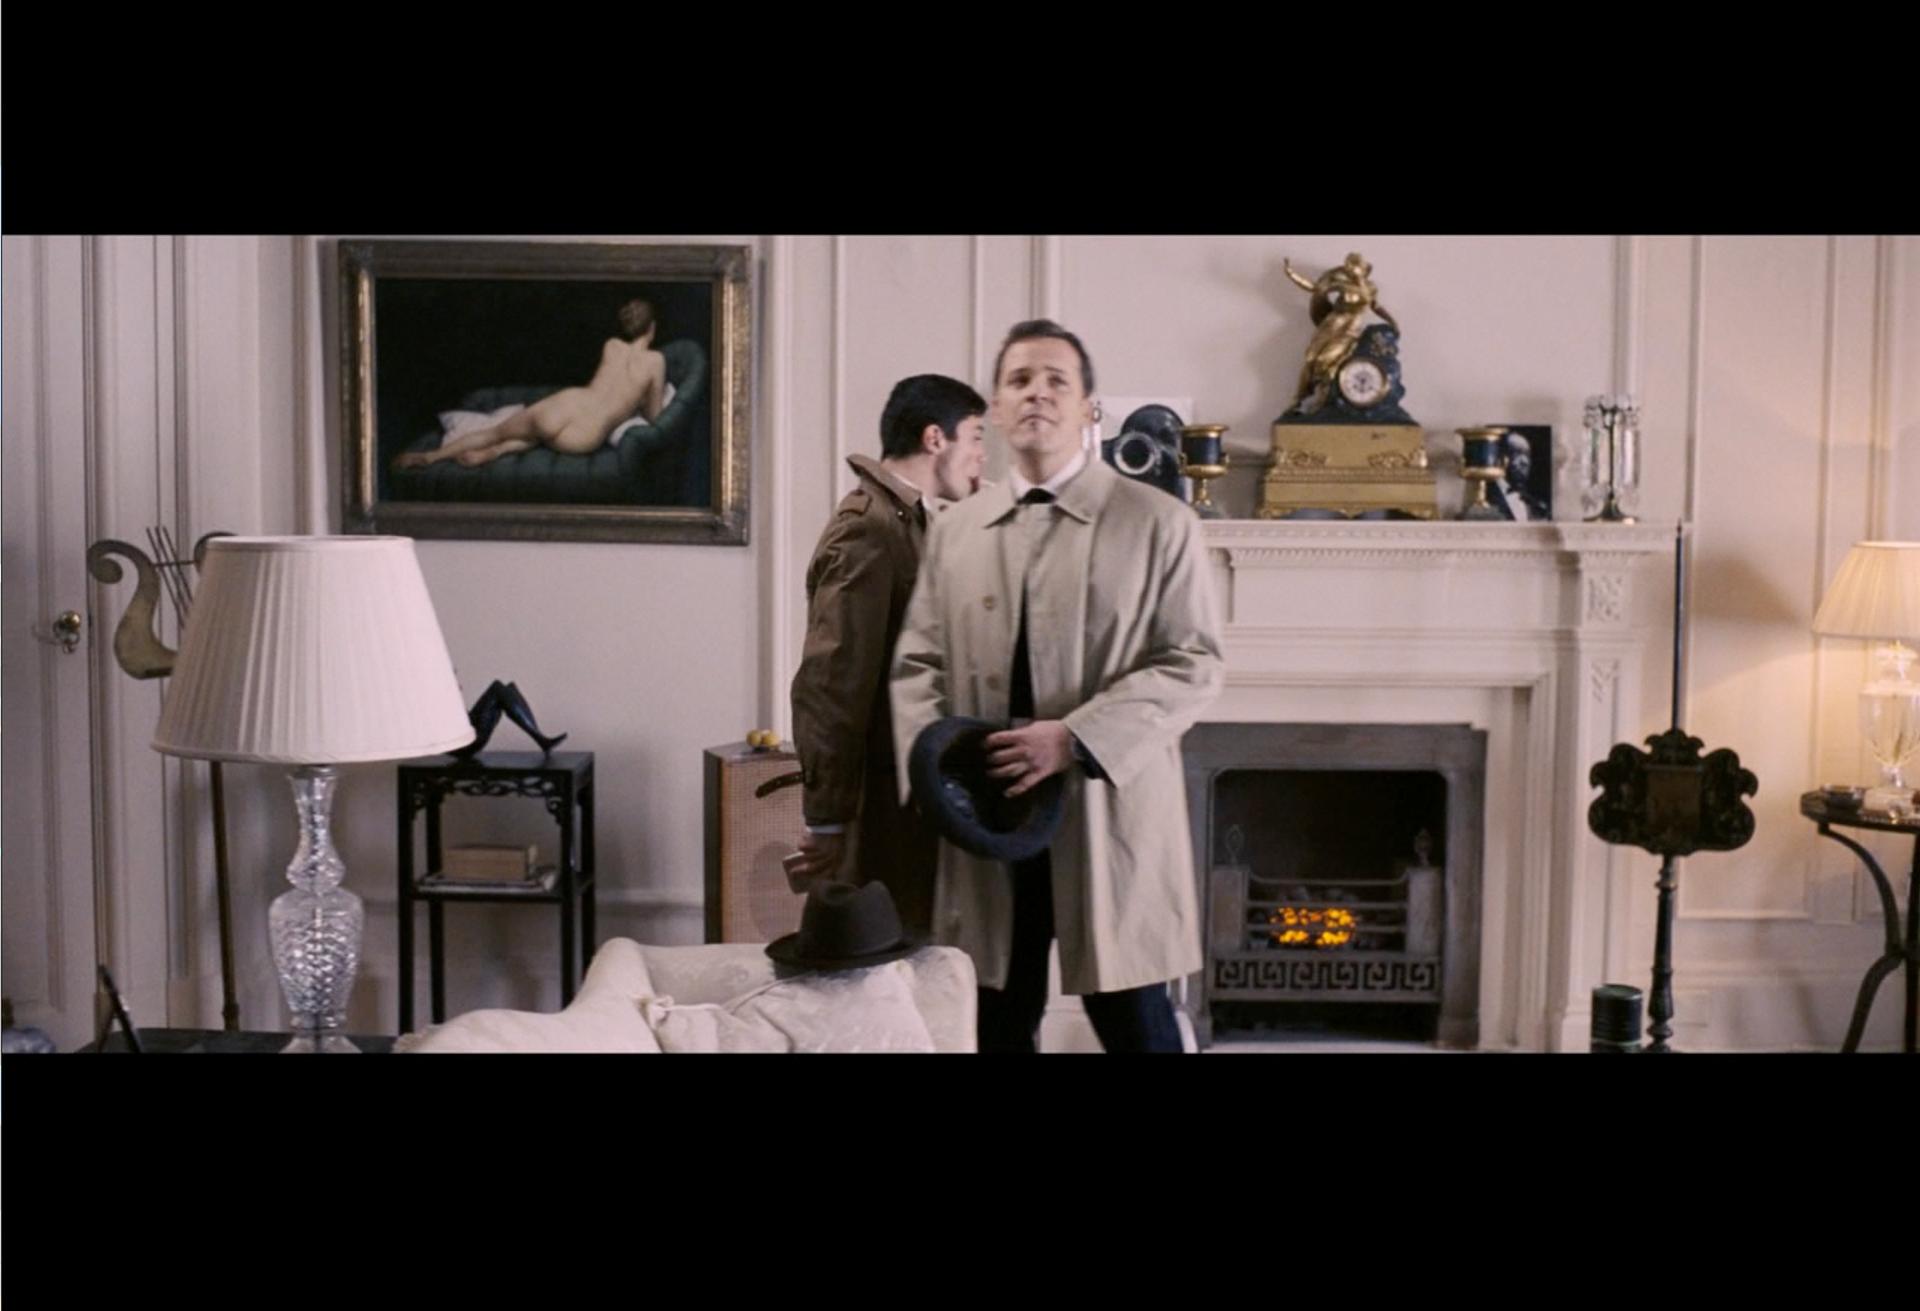 油画'绿沙发'被用于英国电影'教育'的场景2009